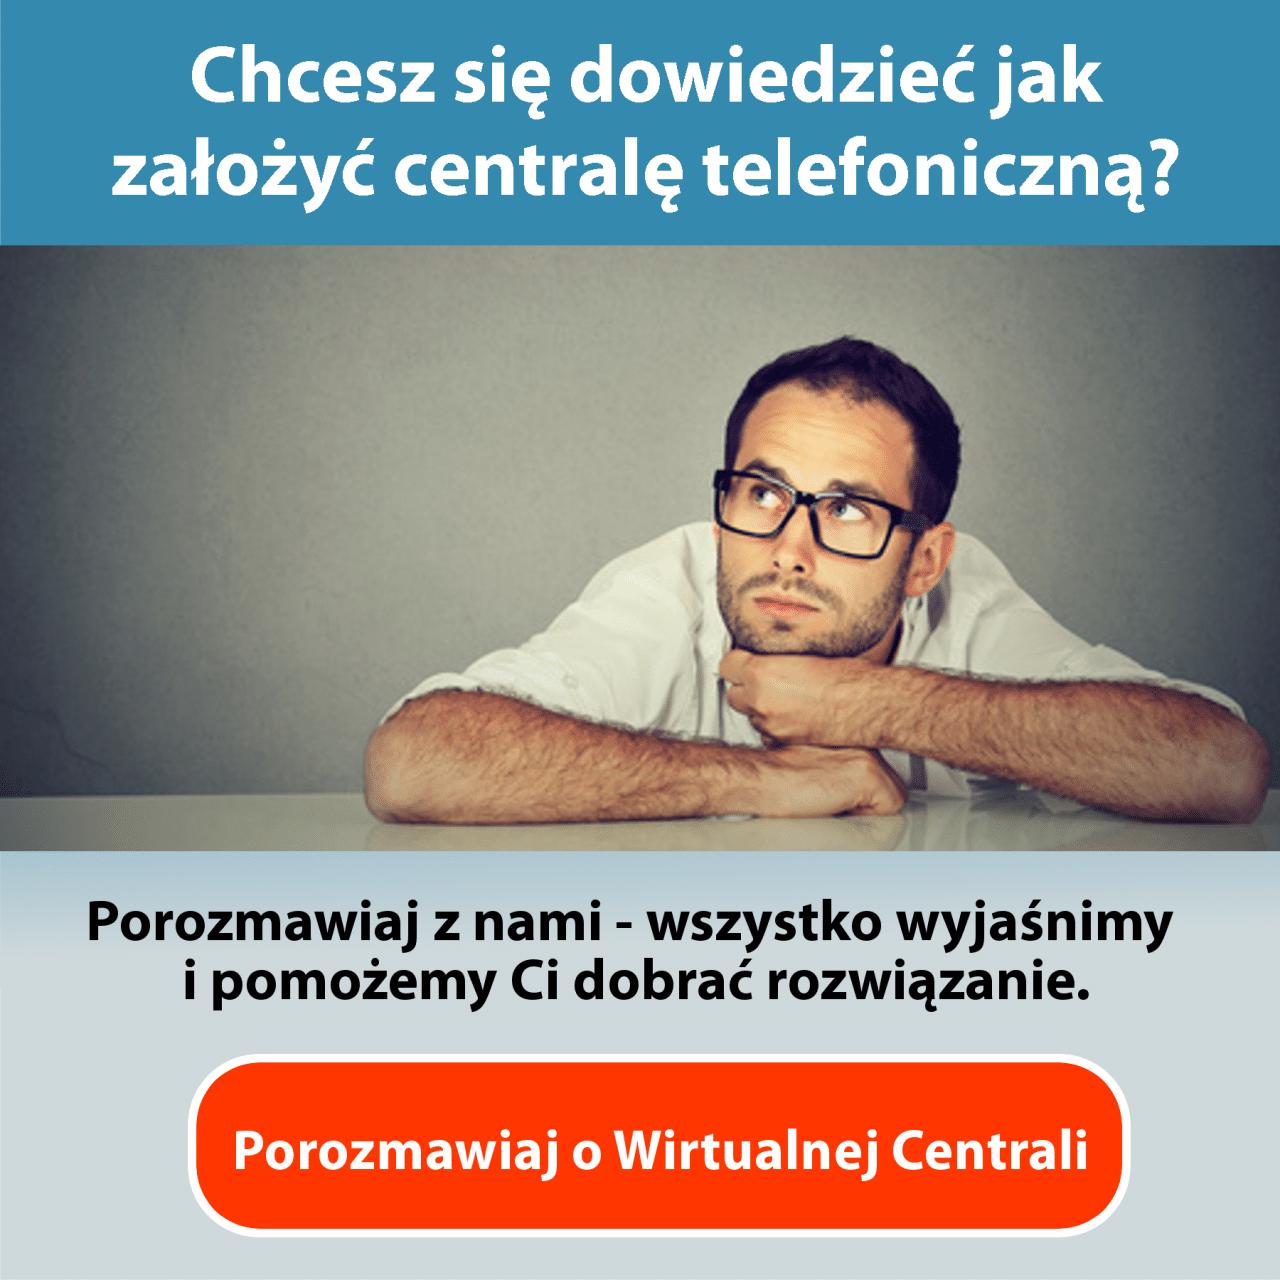 Jaka centrala telefoniczna dla małej firmy? - chcesz się dowiedzieć, jak założyć?